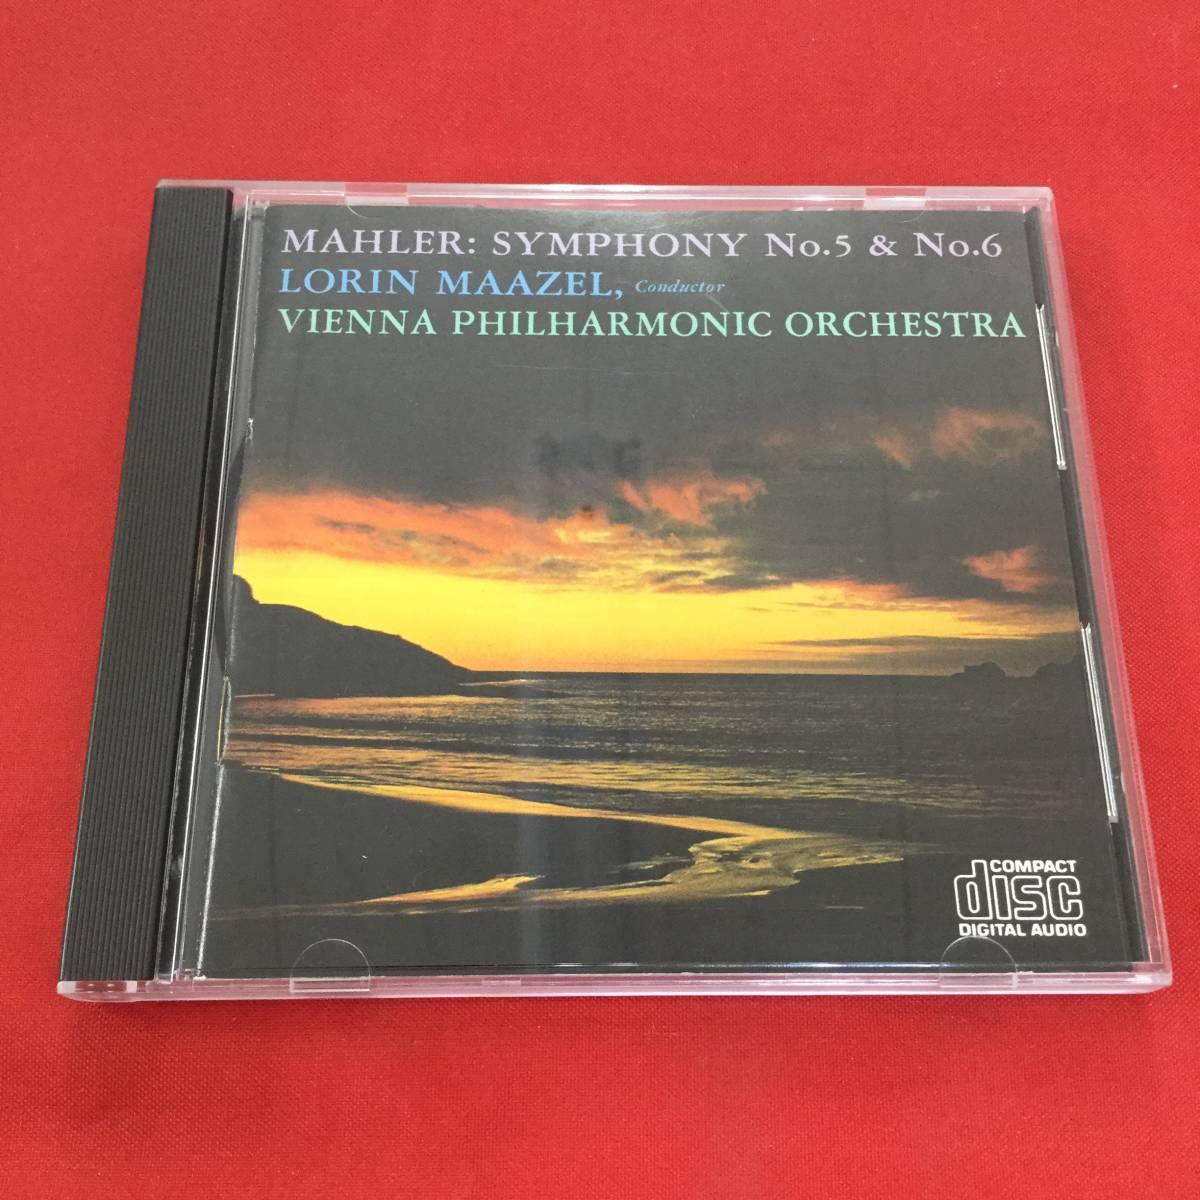 〇マゼール/マーラー、交響曲第5番&第6番/3CD、90DC 100~102_画像4